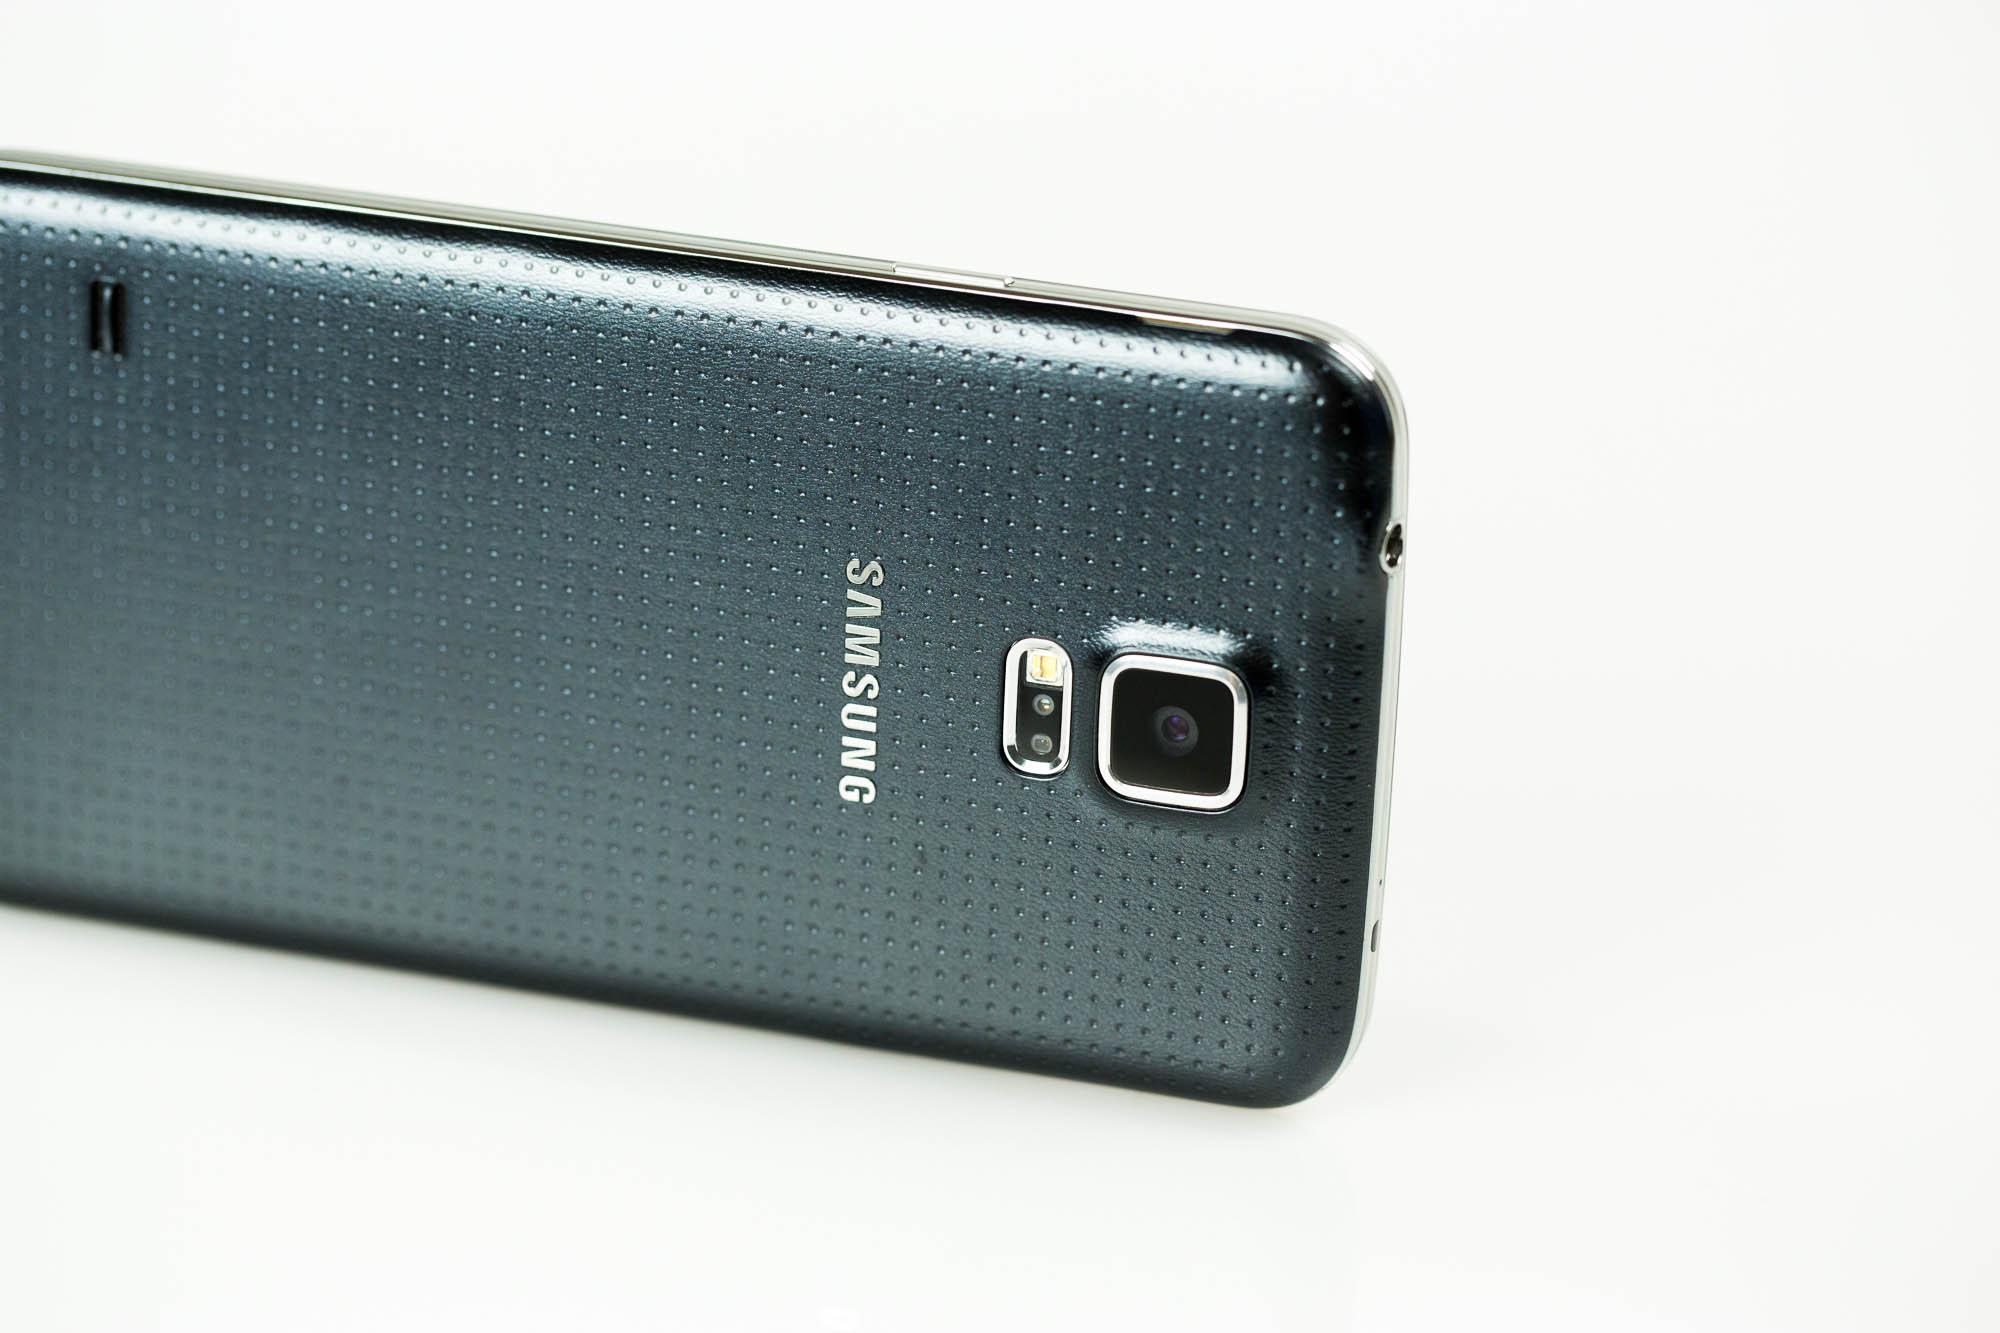 Galaxy S5 im Test: Smartphone mit Finger-nicht-immer-Erkennung - Unterhalb der Kamera befinden sich der Pulsfrequenzmesser, das LED-Fotolicht und der Autofokussensor. (Bild: Fabian Hamacher/Golem.de)